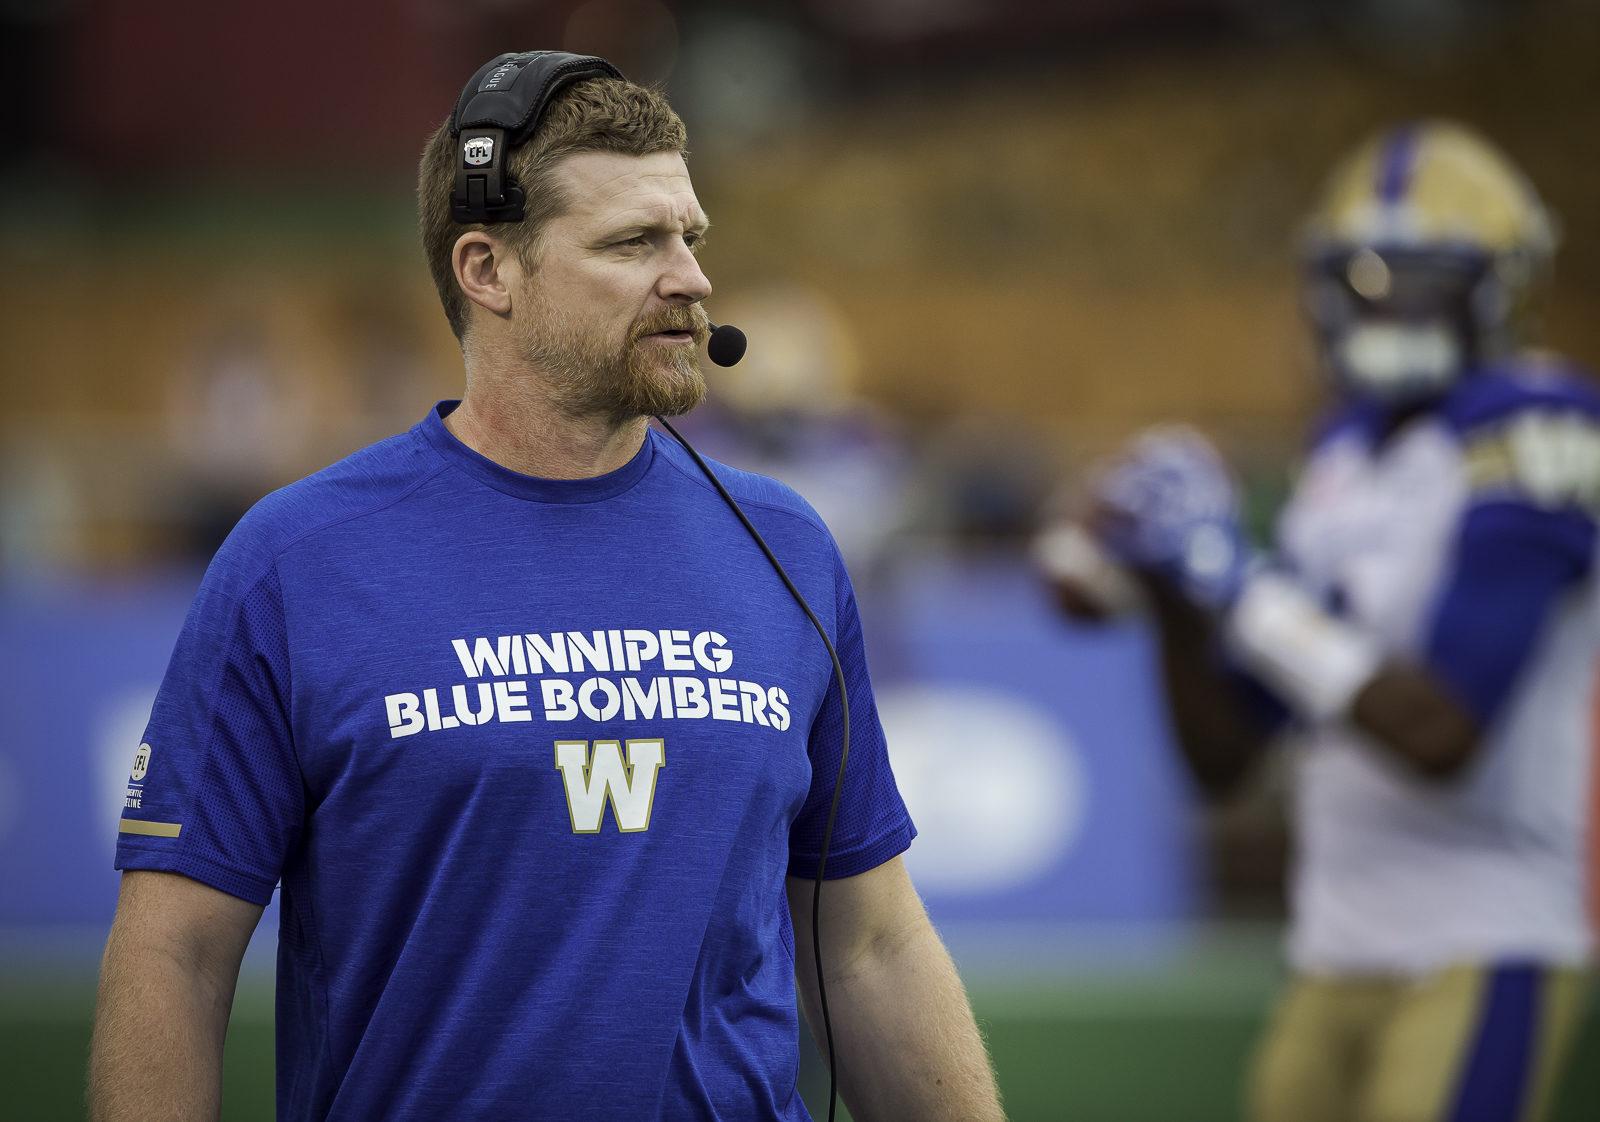 Winnipeg dating Coach online dating beskrivelser av deg selv